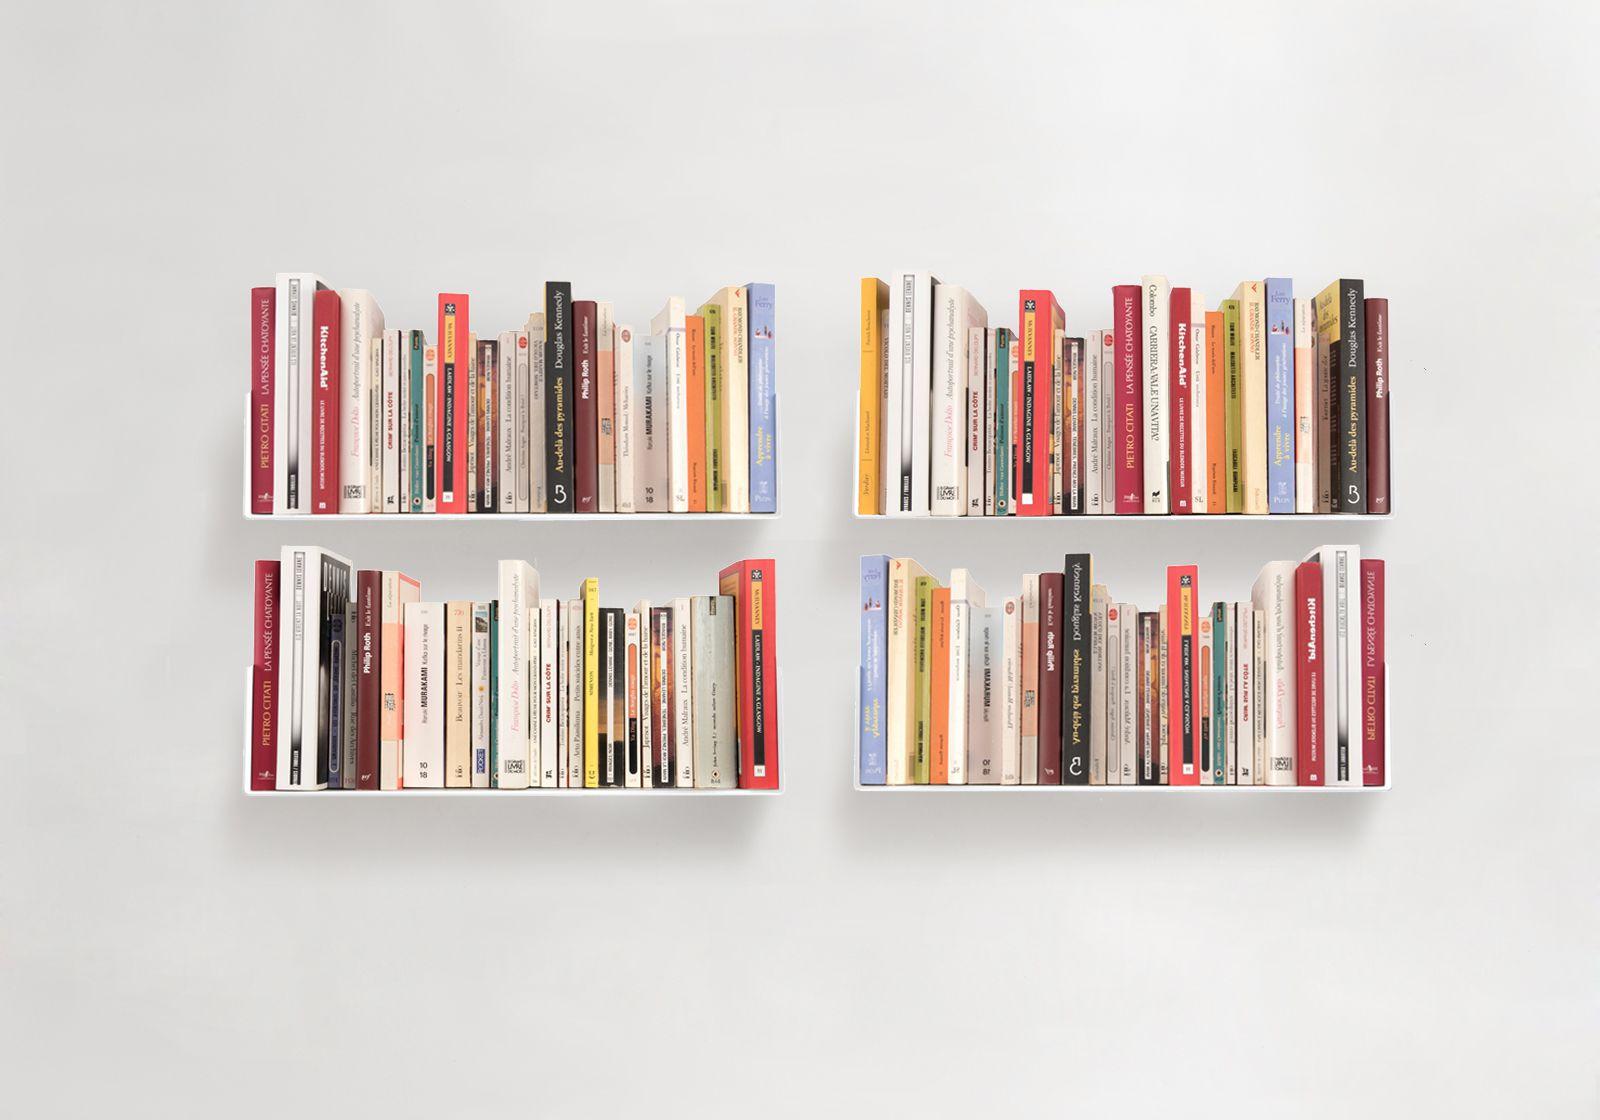 Bücher Regale bücherregal designer bücherregale teebooks teebooks teebooks